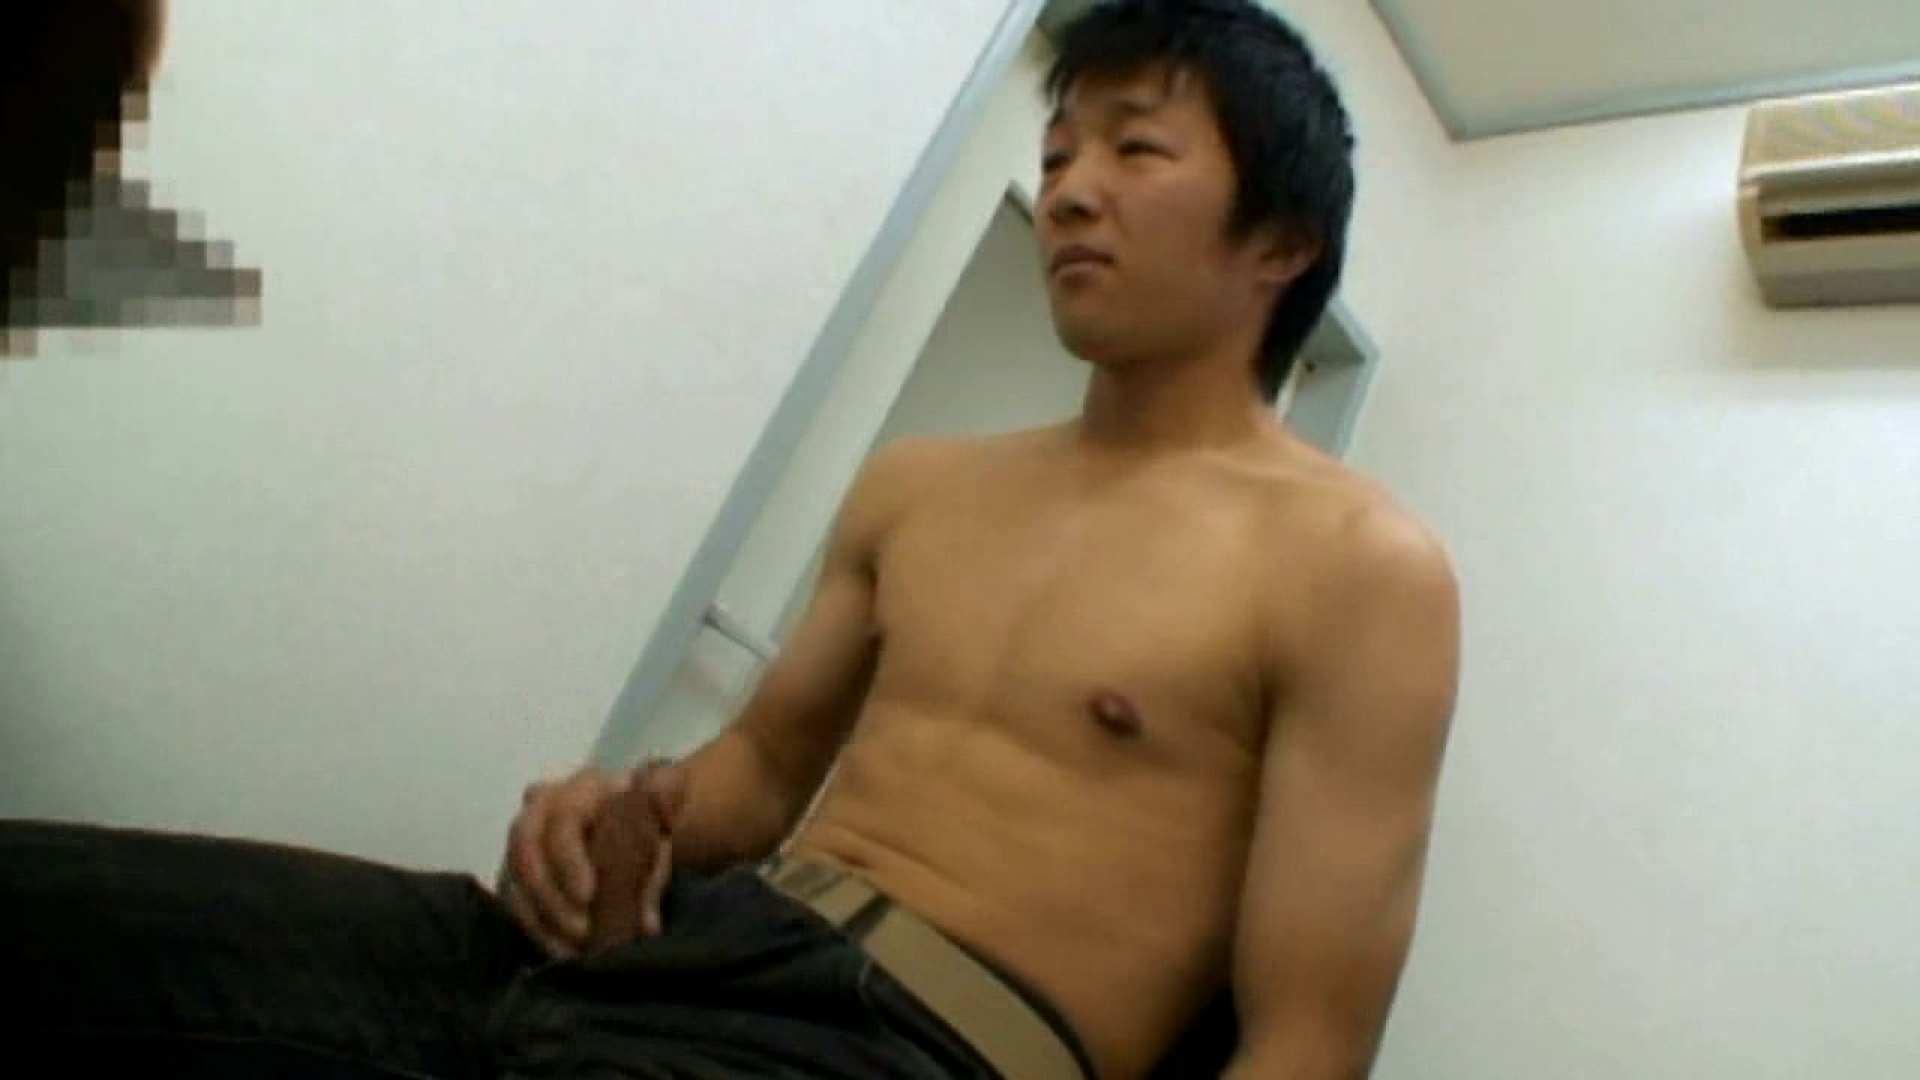 ノンケ!自慰スタジオ No.16 ゲイの自慰 ゲイセックス画像 60pic 54